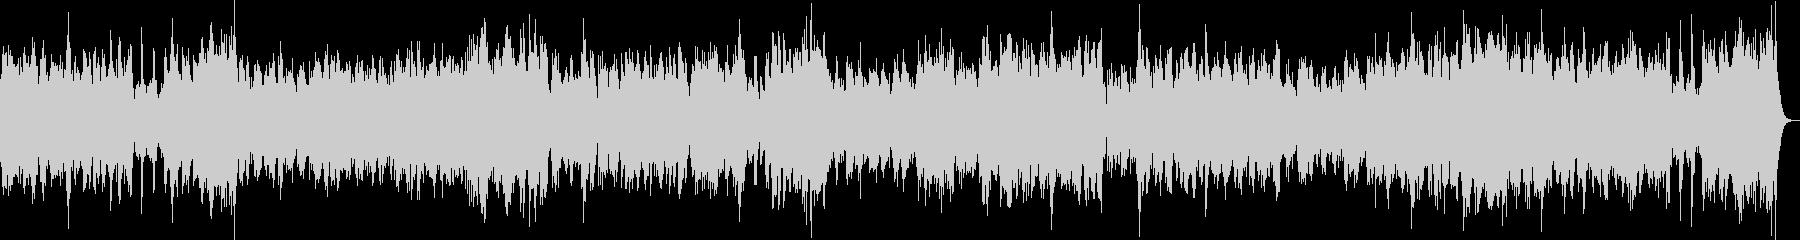 チェンバロの豪華な曲・3楽章(バッハ)の未再生の波形